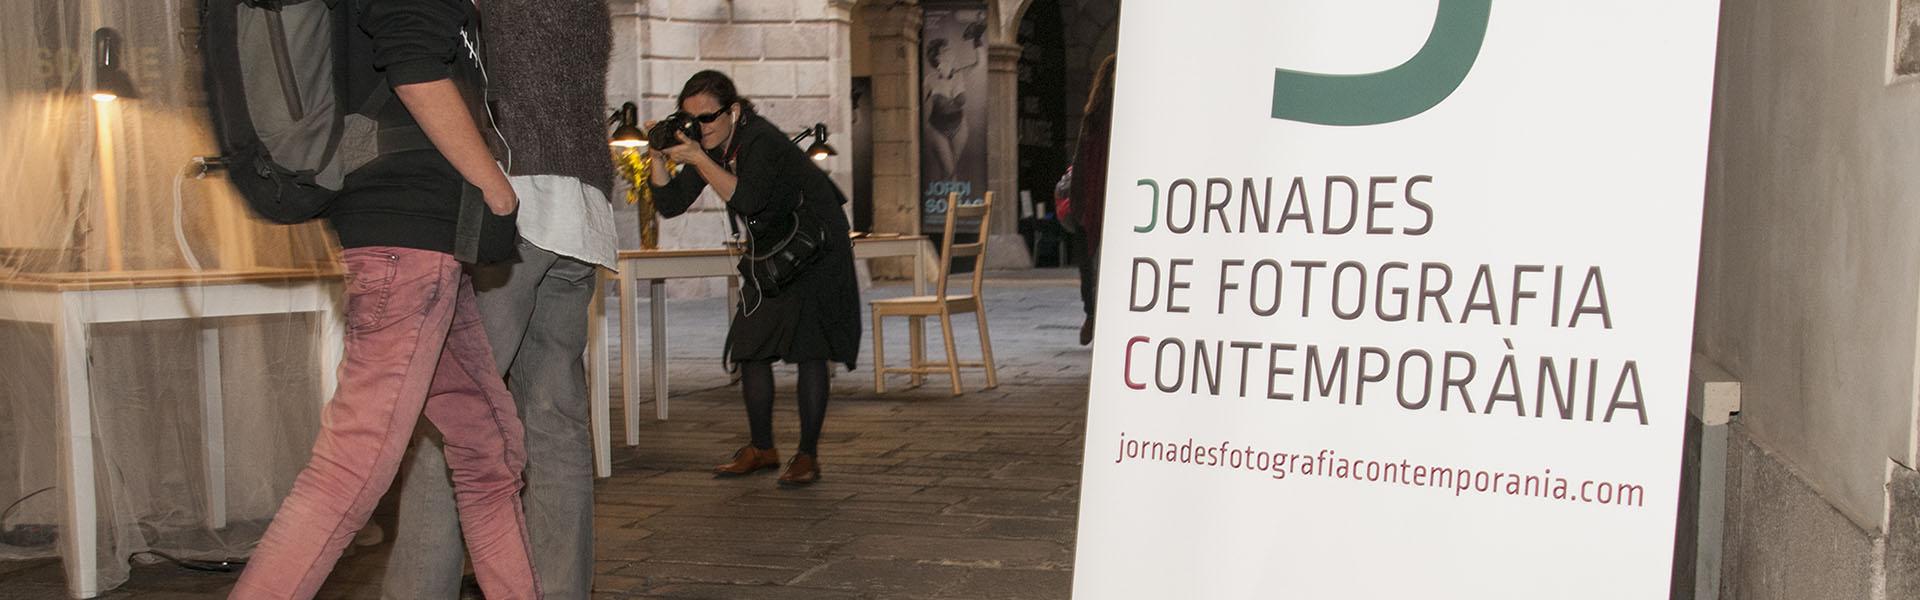 I Jornades de Fotografia Contemporània